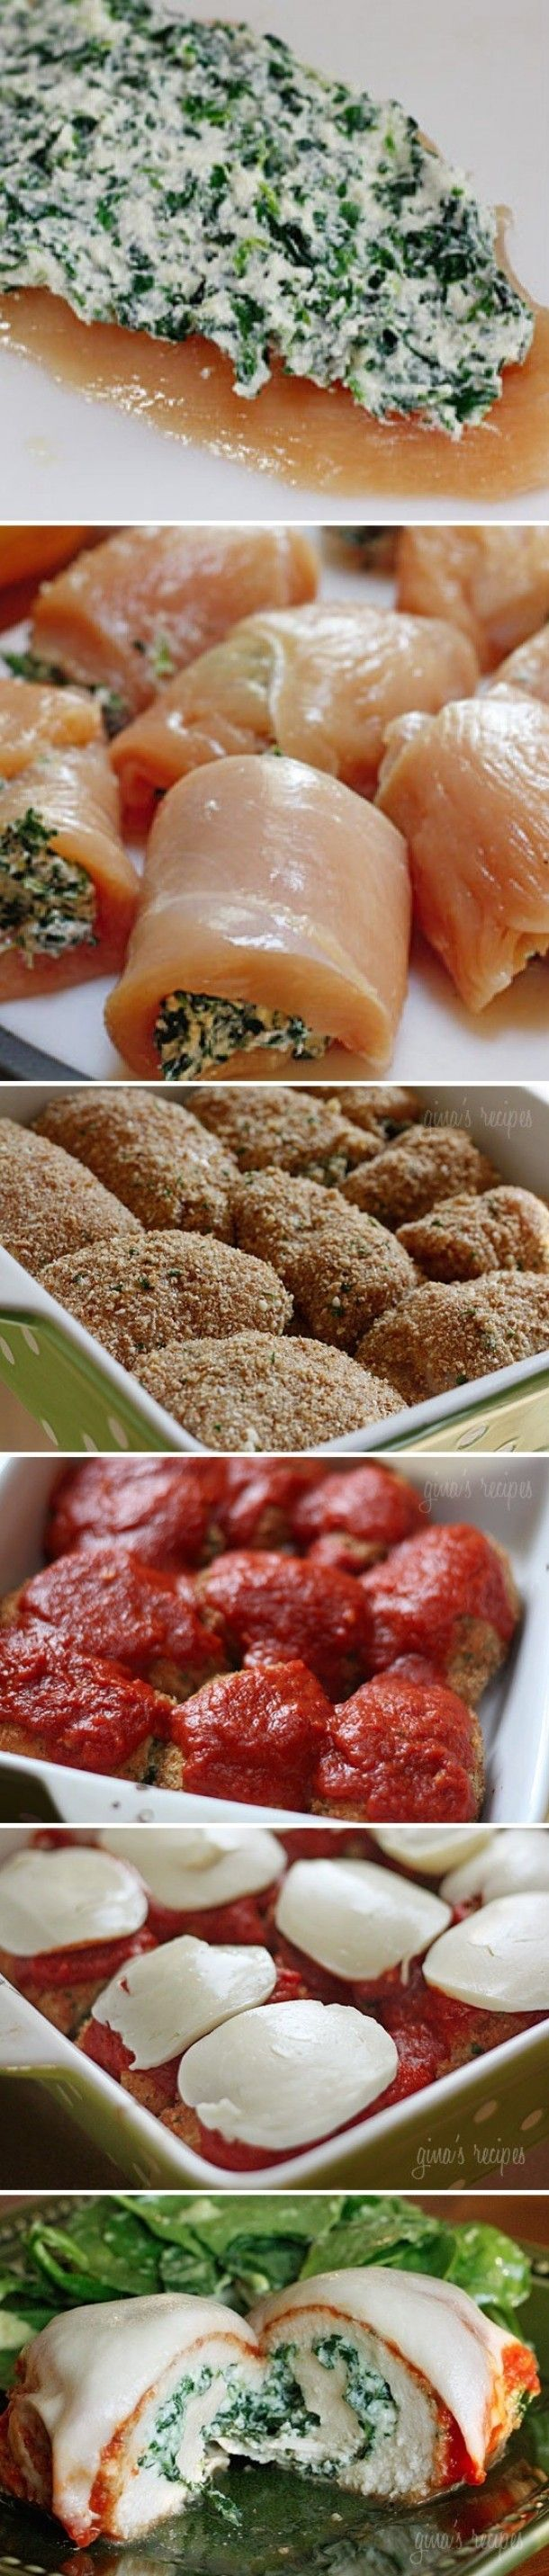 Oven: 230 °C. Ovenschaal invetten. Paneermeel: 125 gr italiaans gekruid paneermeel+2 eetlepels geraspte kaas+60 ml eiwit. Spinazie-kaasmengsel: 45 gr mozzarella+25 gr geraspte kaas+150gr spinazie+2 el ei+6 el ricotta. 8x kip met 2 el spinazie-kaasmengsel. Oprollen. Insmeren met ei, dippen in paneermeel. 25 min in de oven. Italiaanse tomatensaus+mozzarella eroverheen; nog 3 min in de oven.